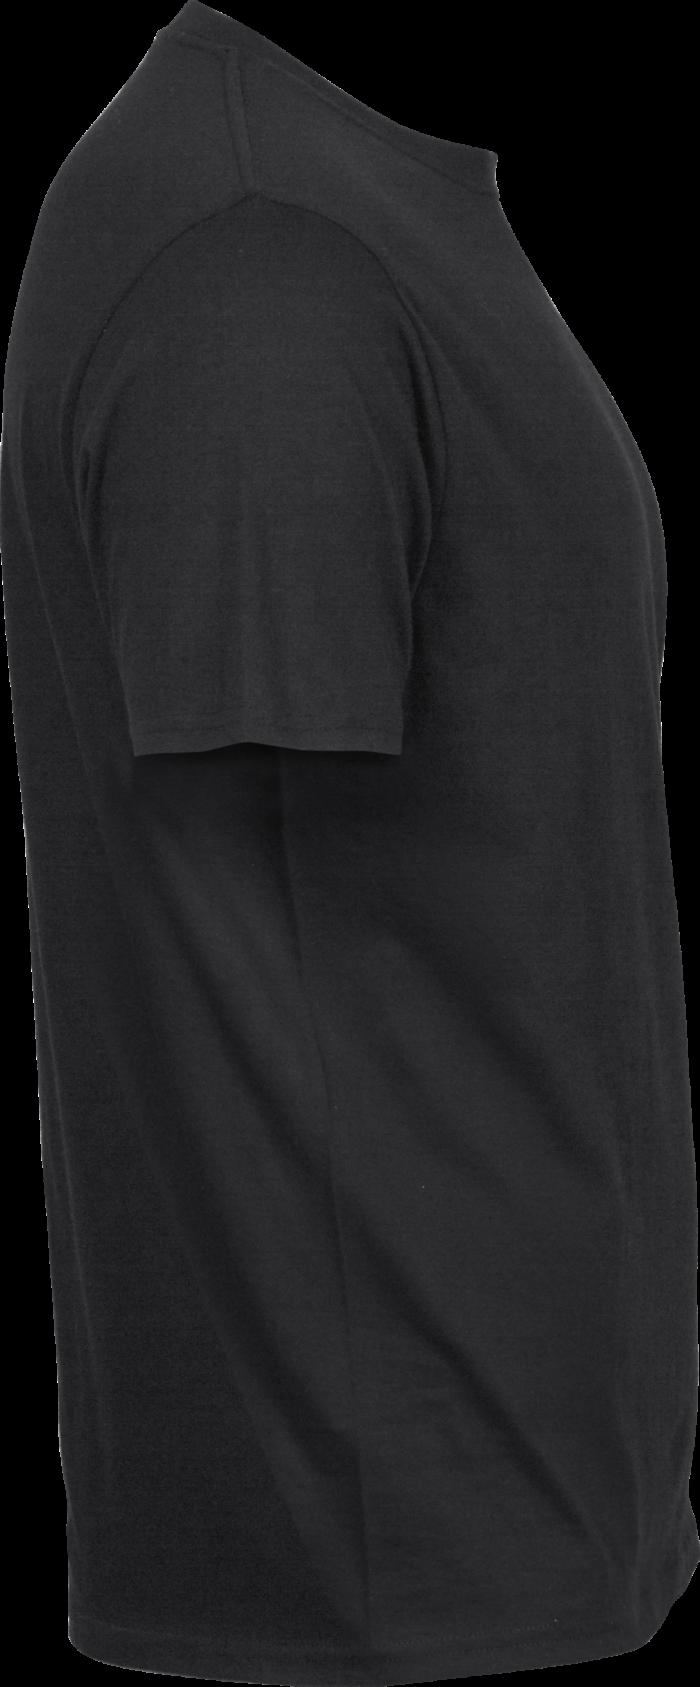 1100_T-shirt col rond pour Homme -140 g / m² -100% coton (bio) -Tissu super-peigné -Bande de propreté d'épaule à épaule -Coutures doubles -Construction tubulaire -Etiquette détachable - Tee Jays - 109 t-shirts